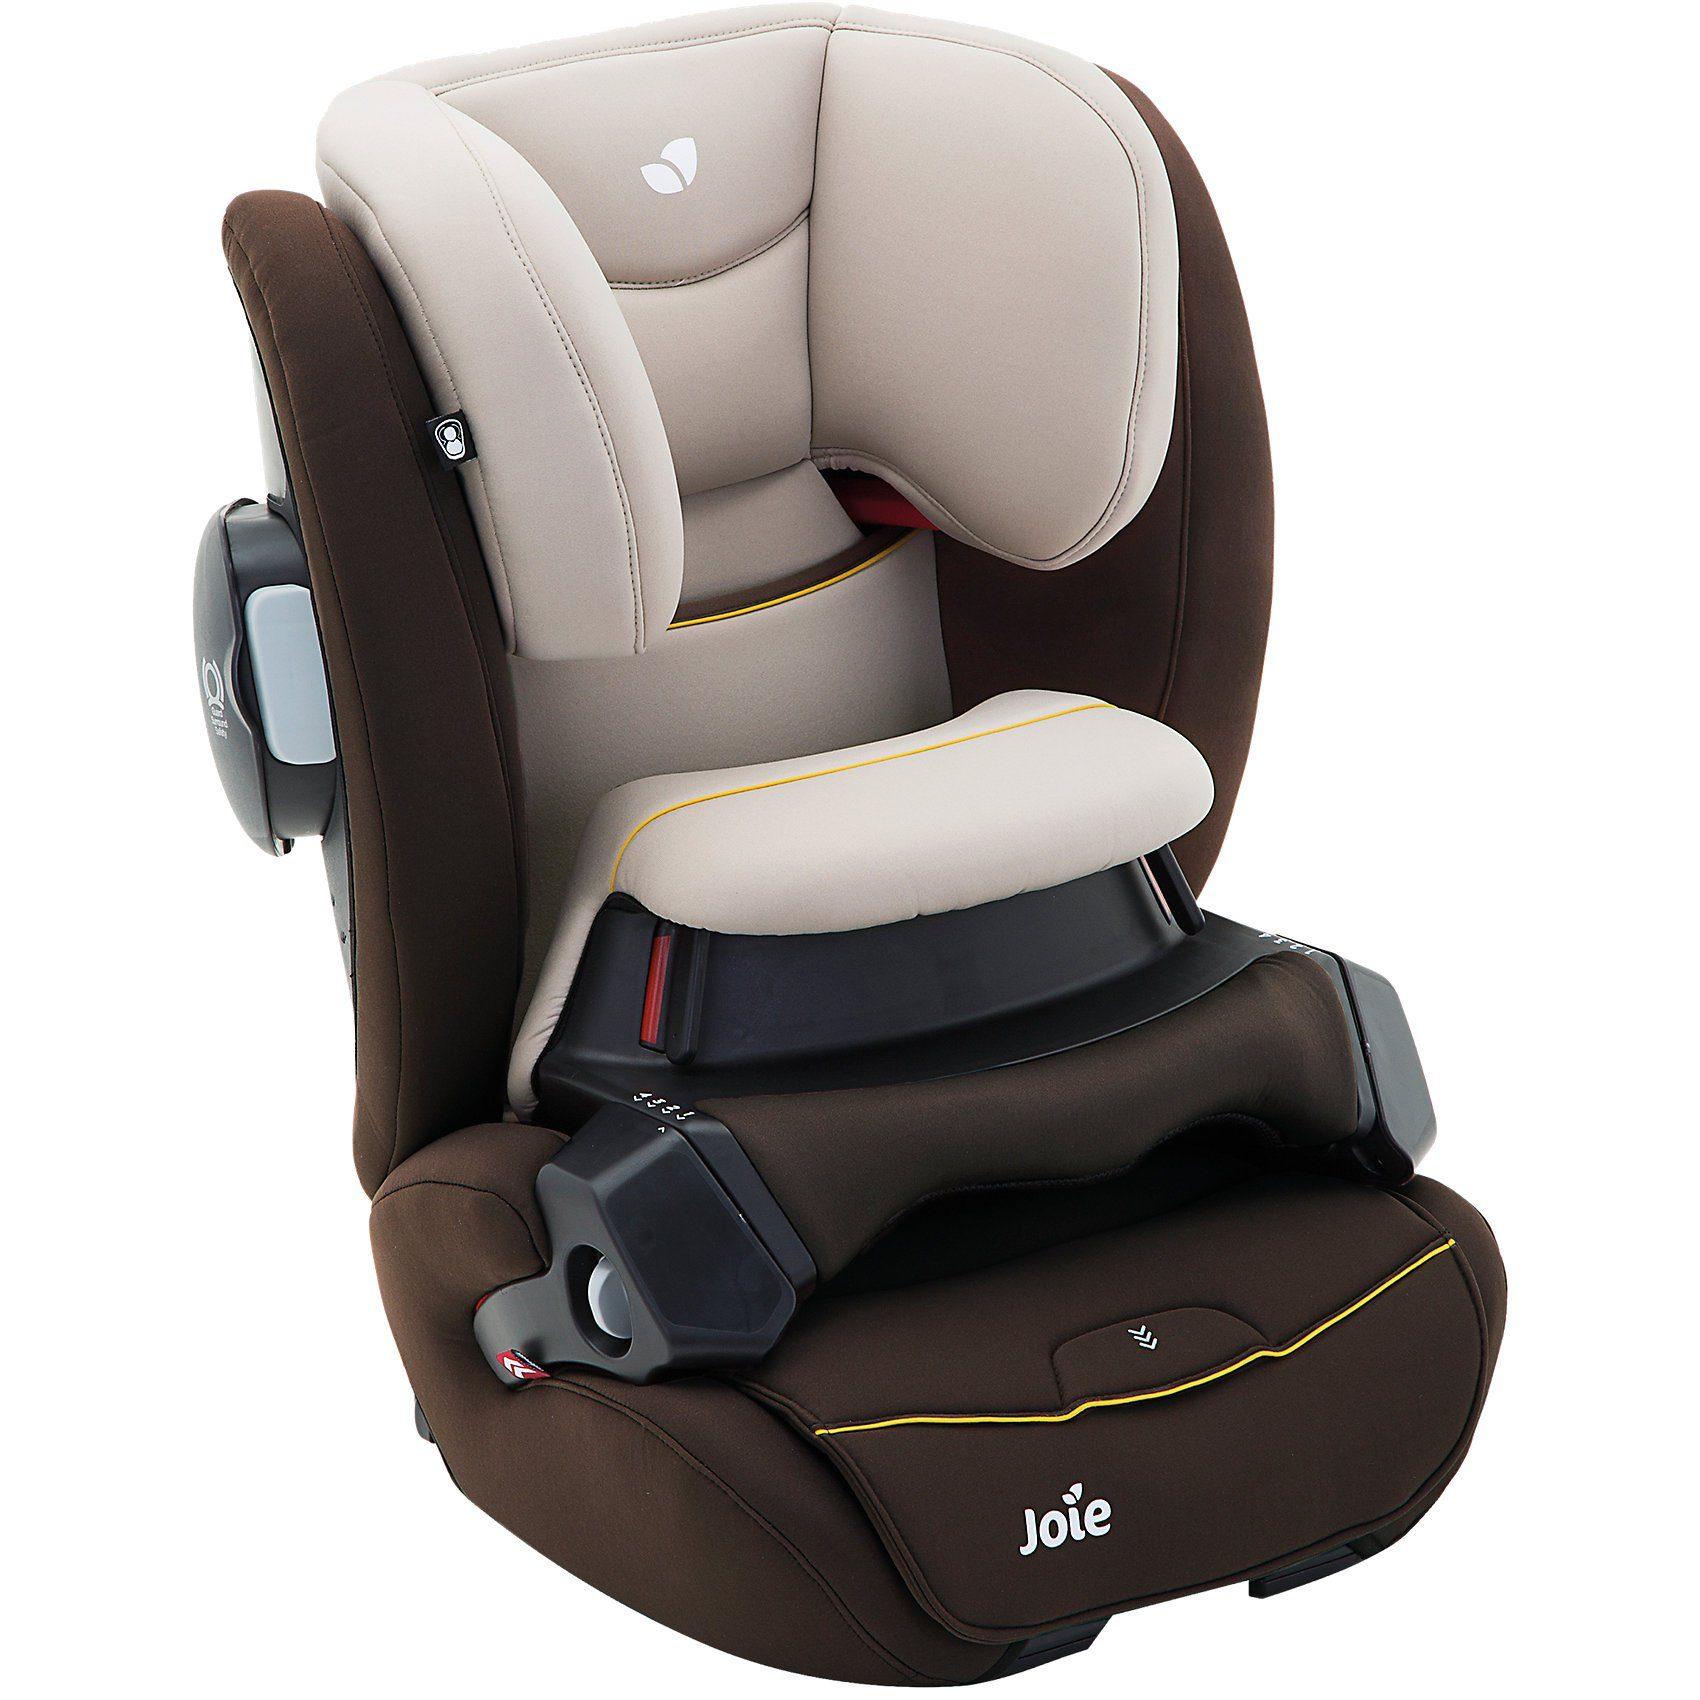 Joie Auto-Kindersitz Transcend, Cashmere